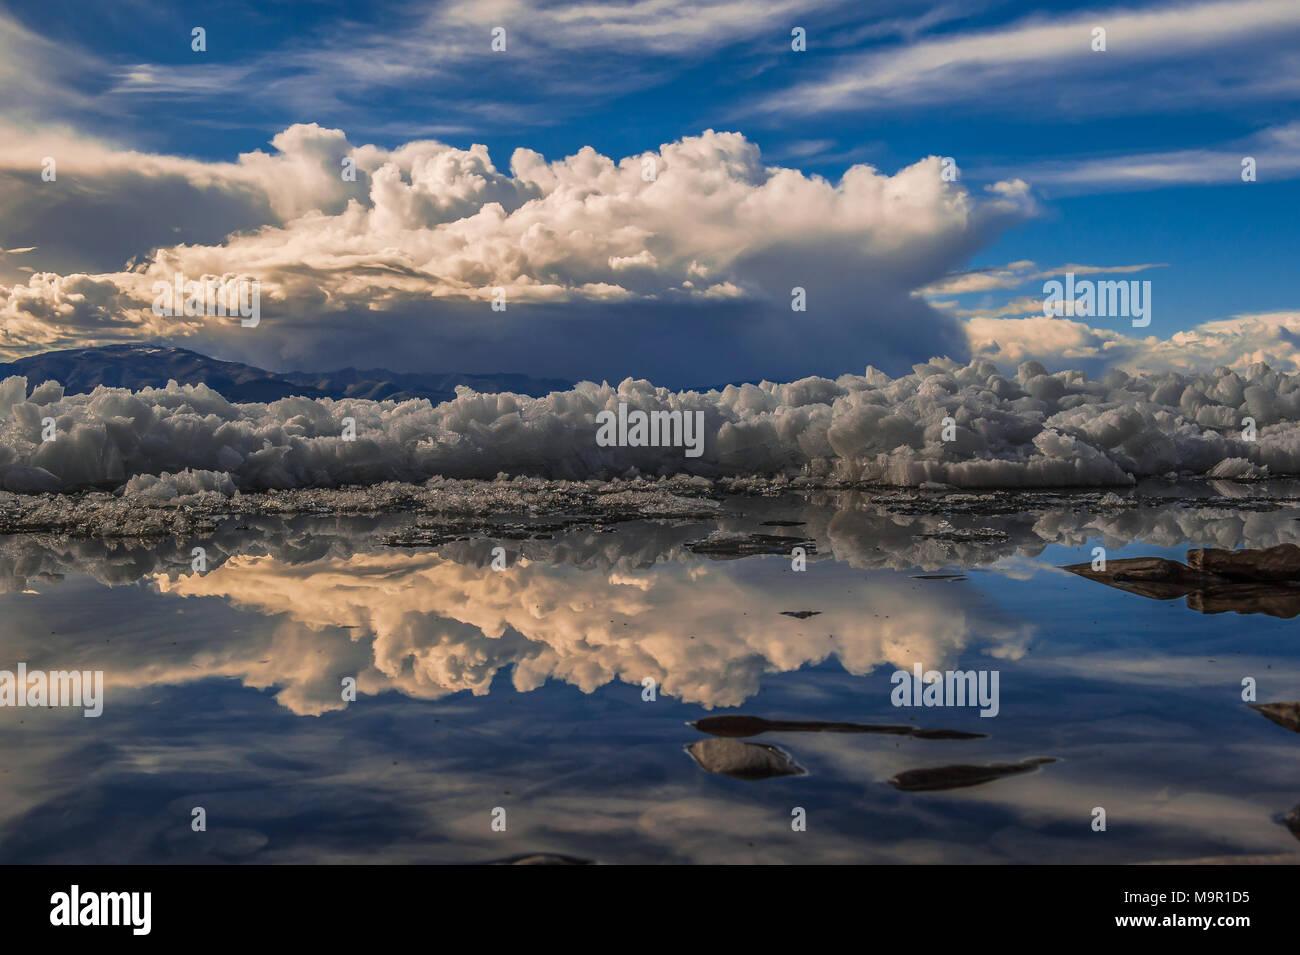 Strutture di ghiaccio con acqua riflessione al Lago Khuvsgul, Mongolia Immagini Stock